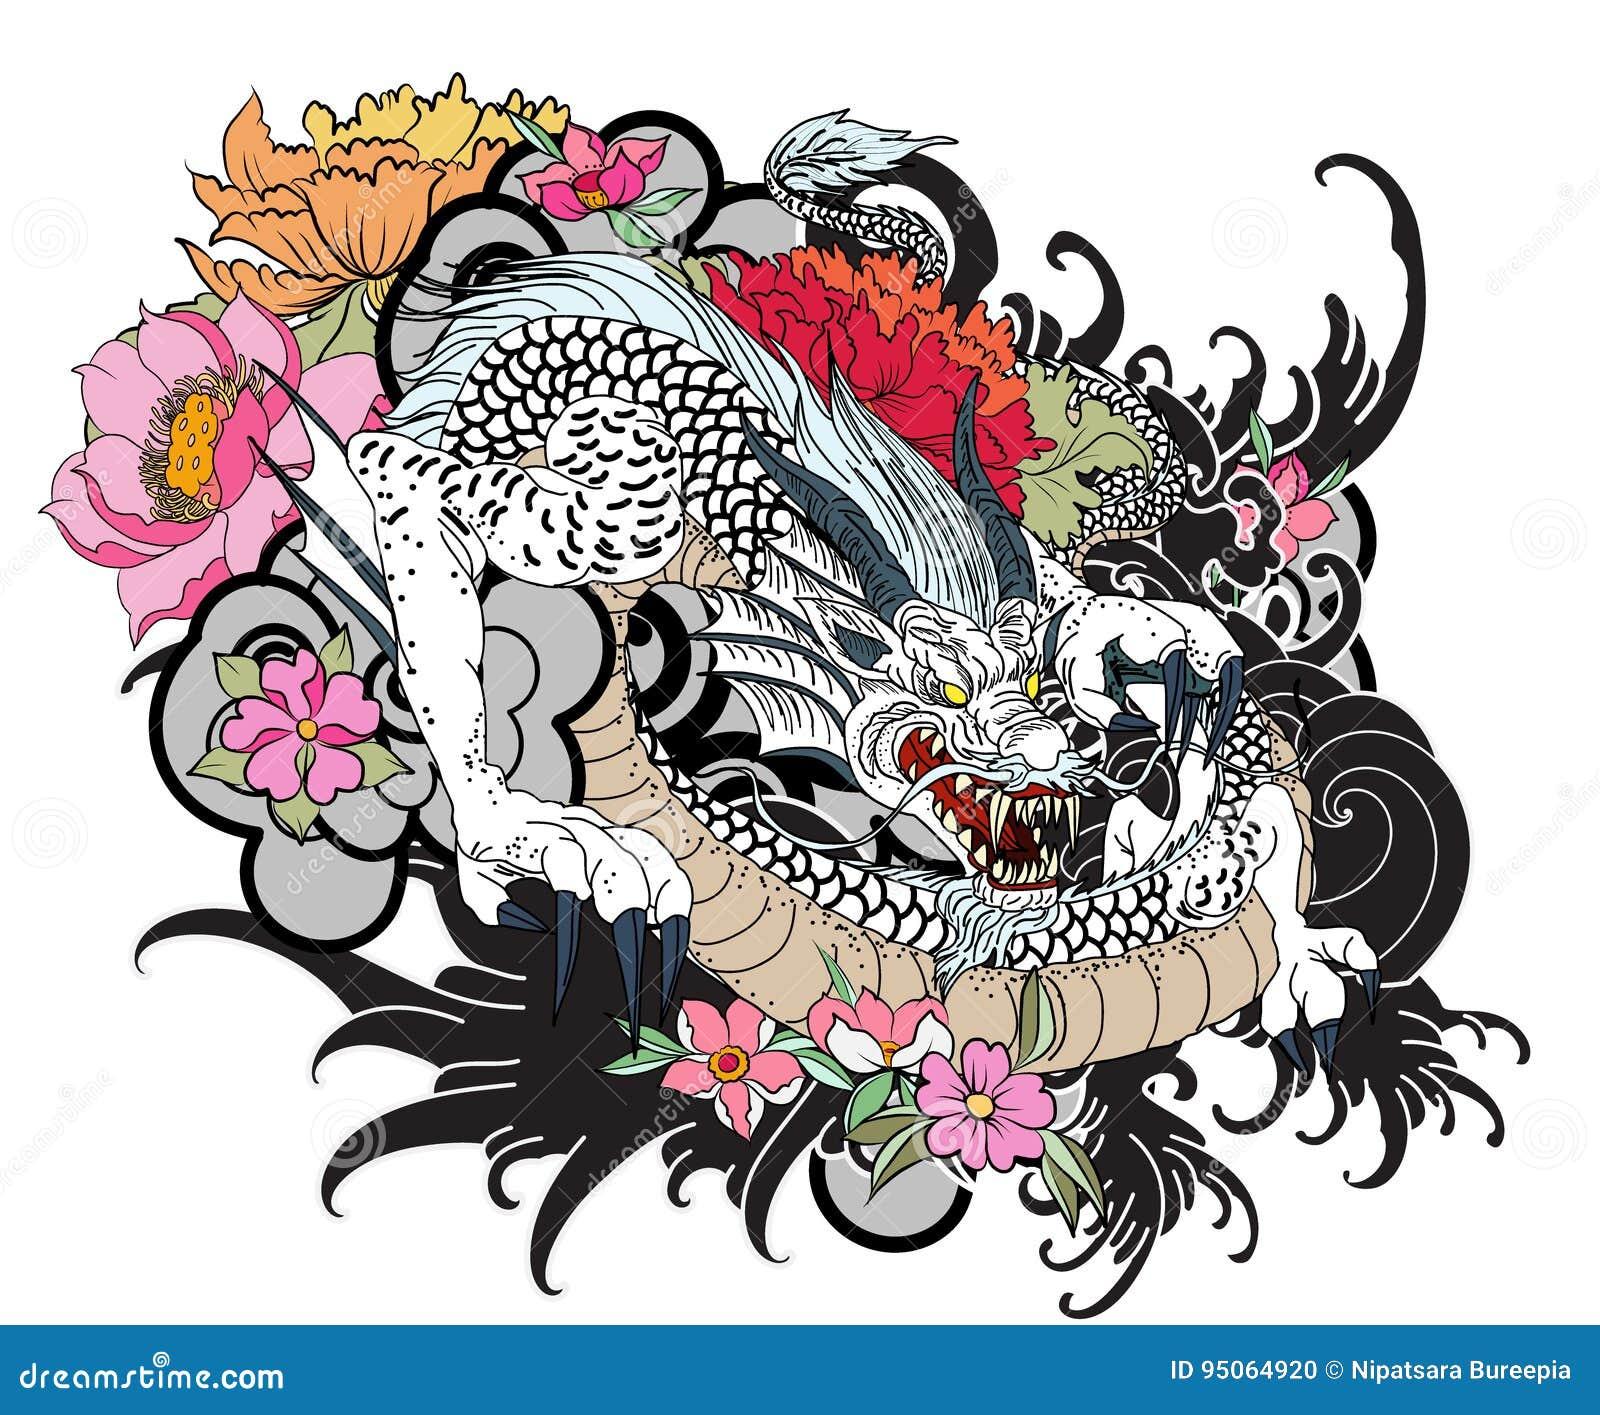 нарисованная рукой татуировка дракона стиль книжка